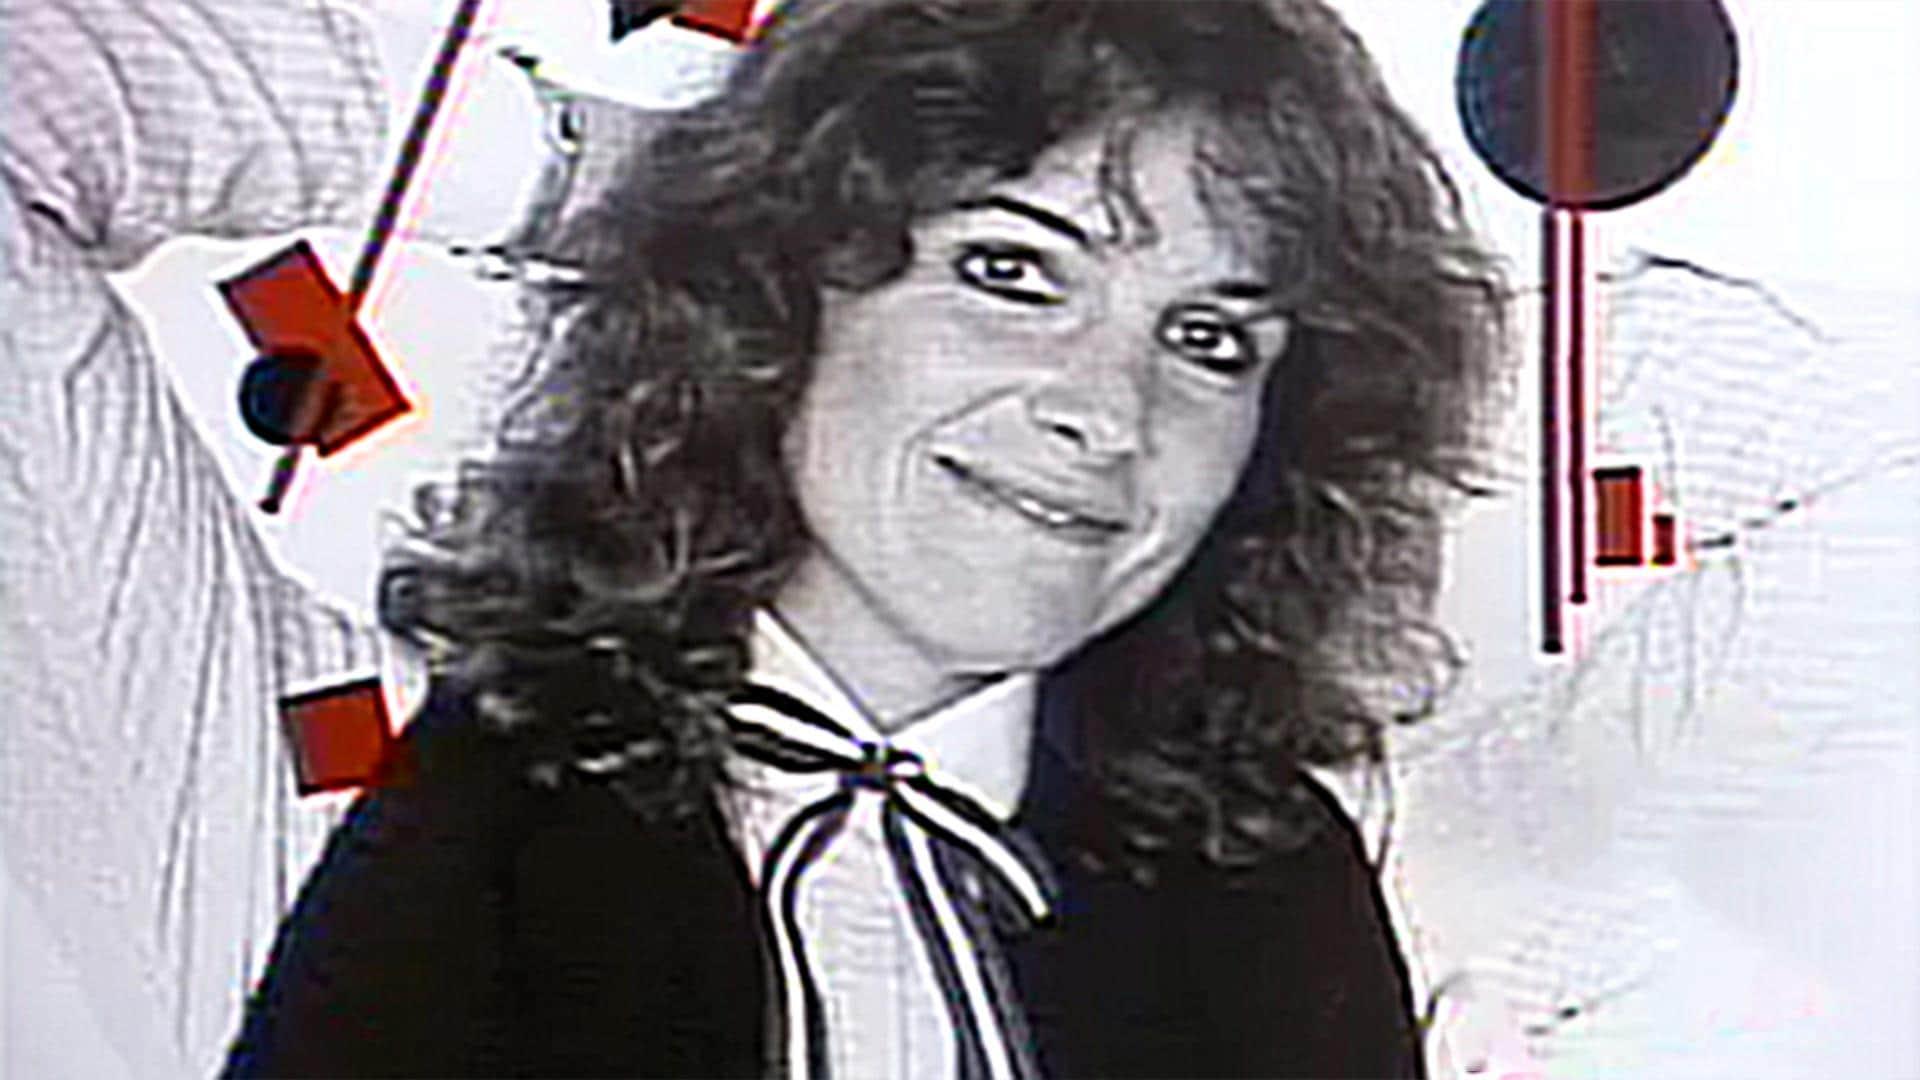 Susan Saint James: October 10, 1981